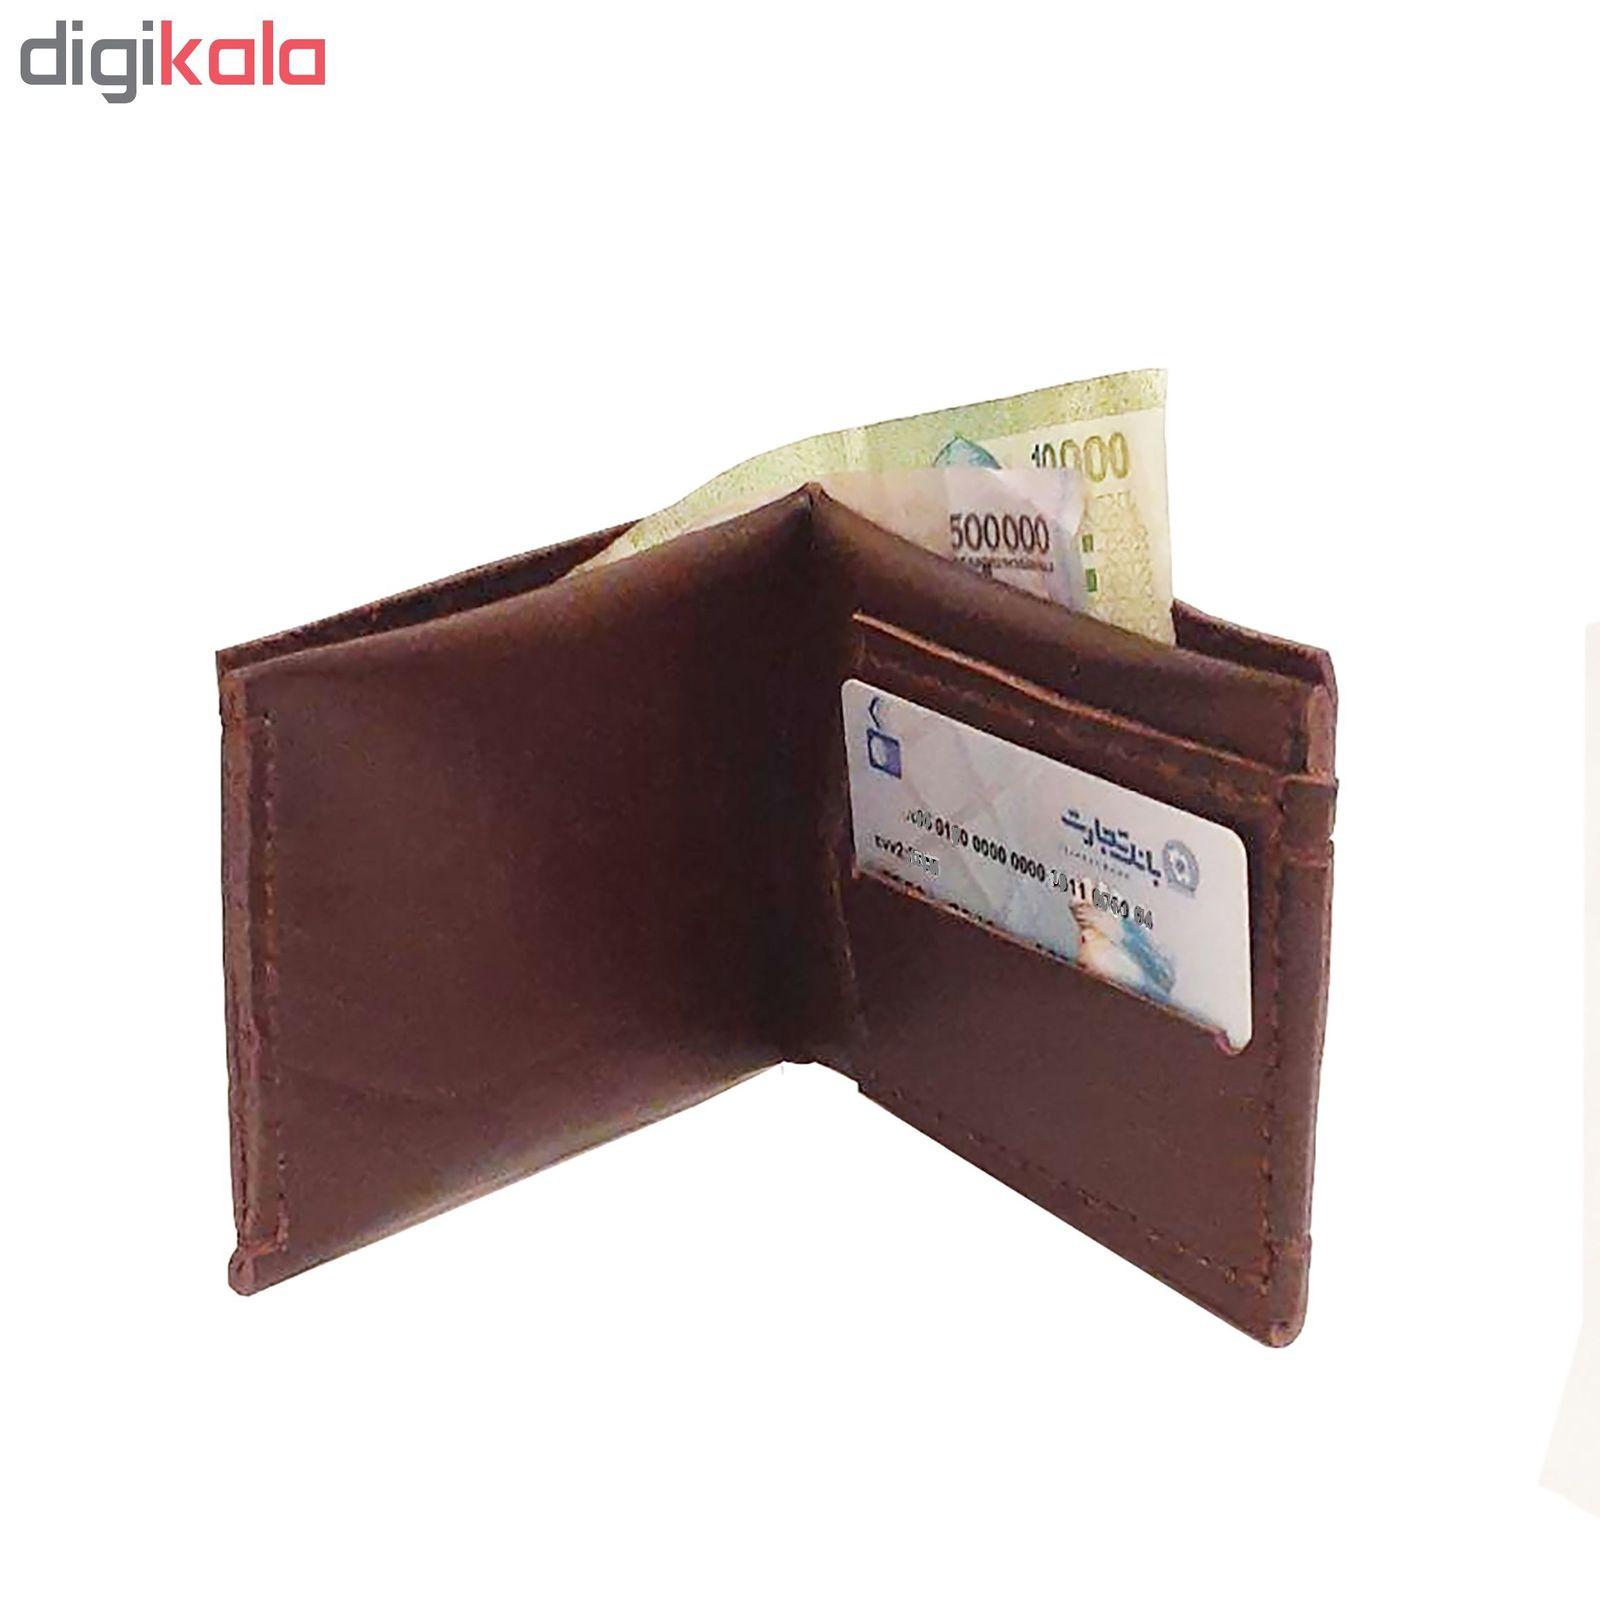 کیف پول مردانه کدBL01 main 1 2